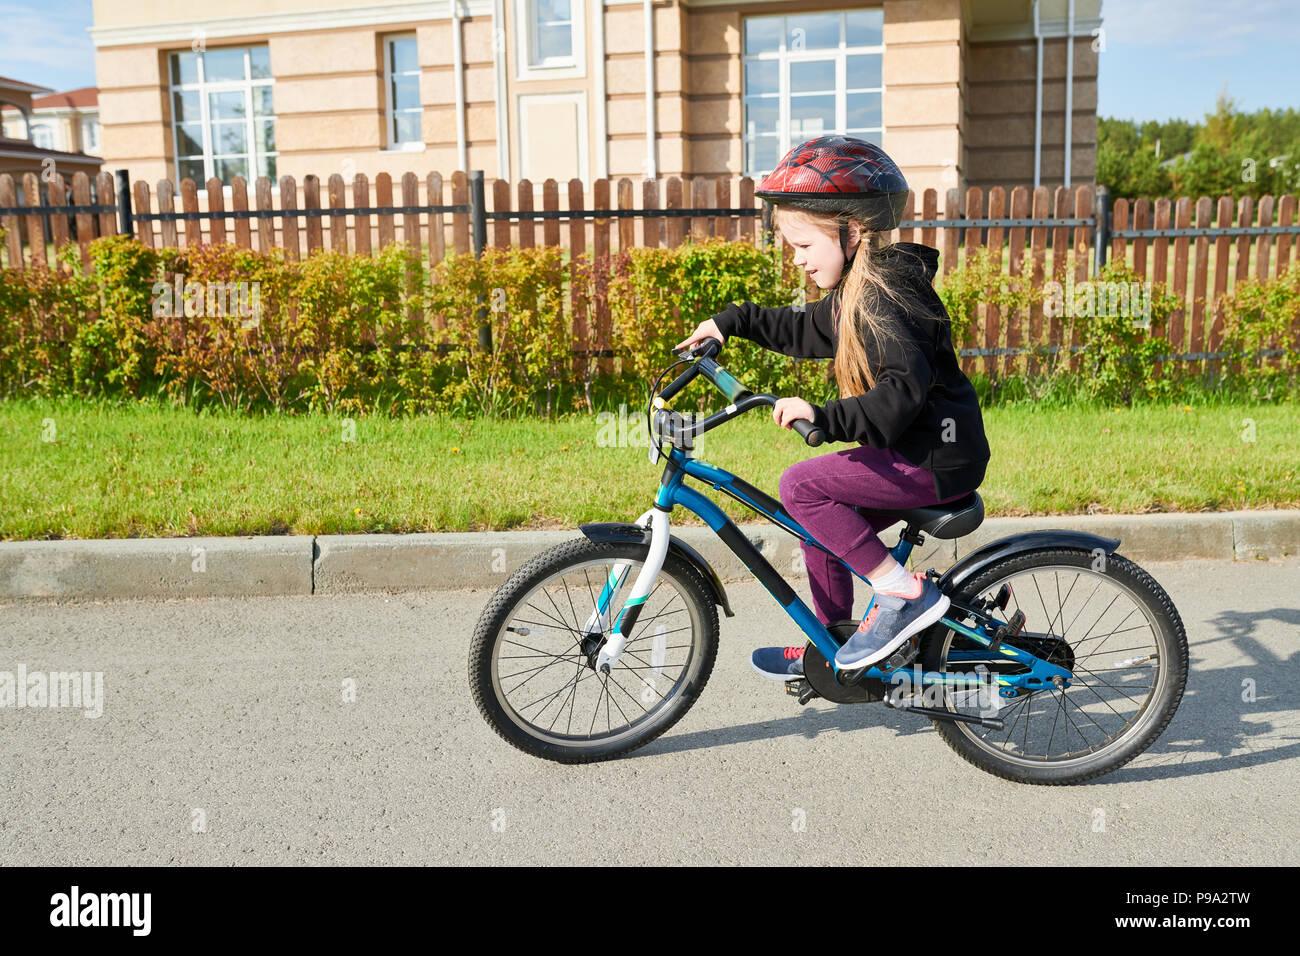 Niña montando bicicleta Imagen De Stock